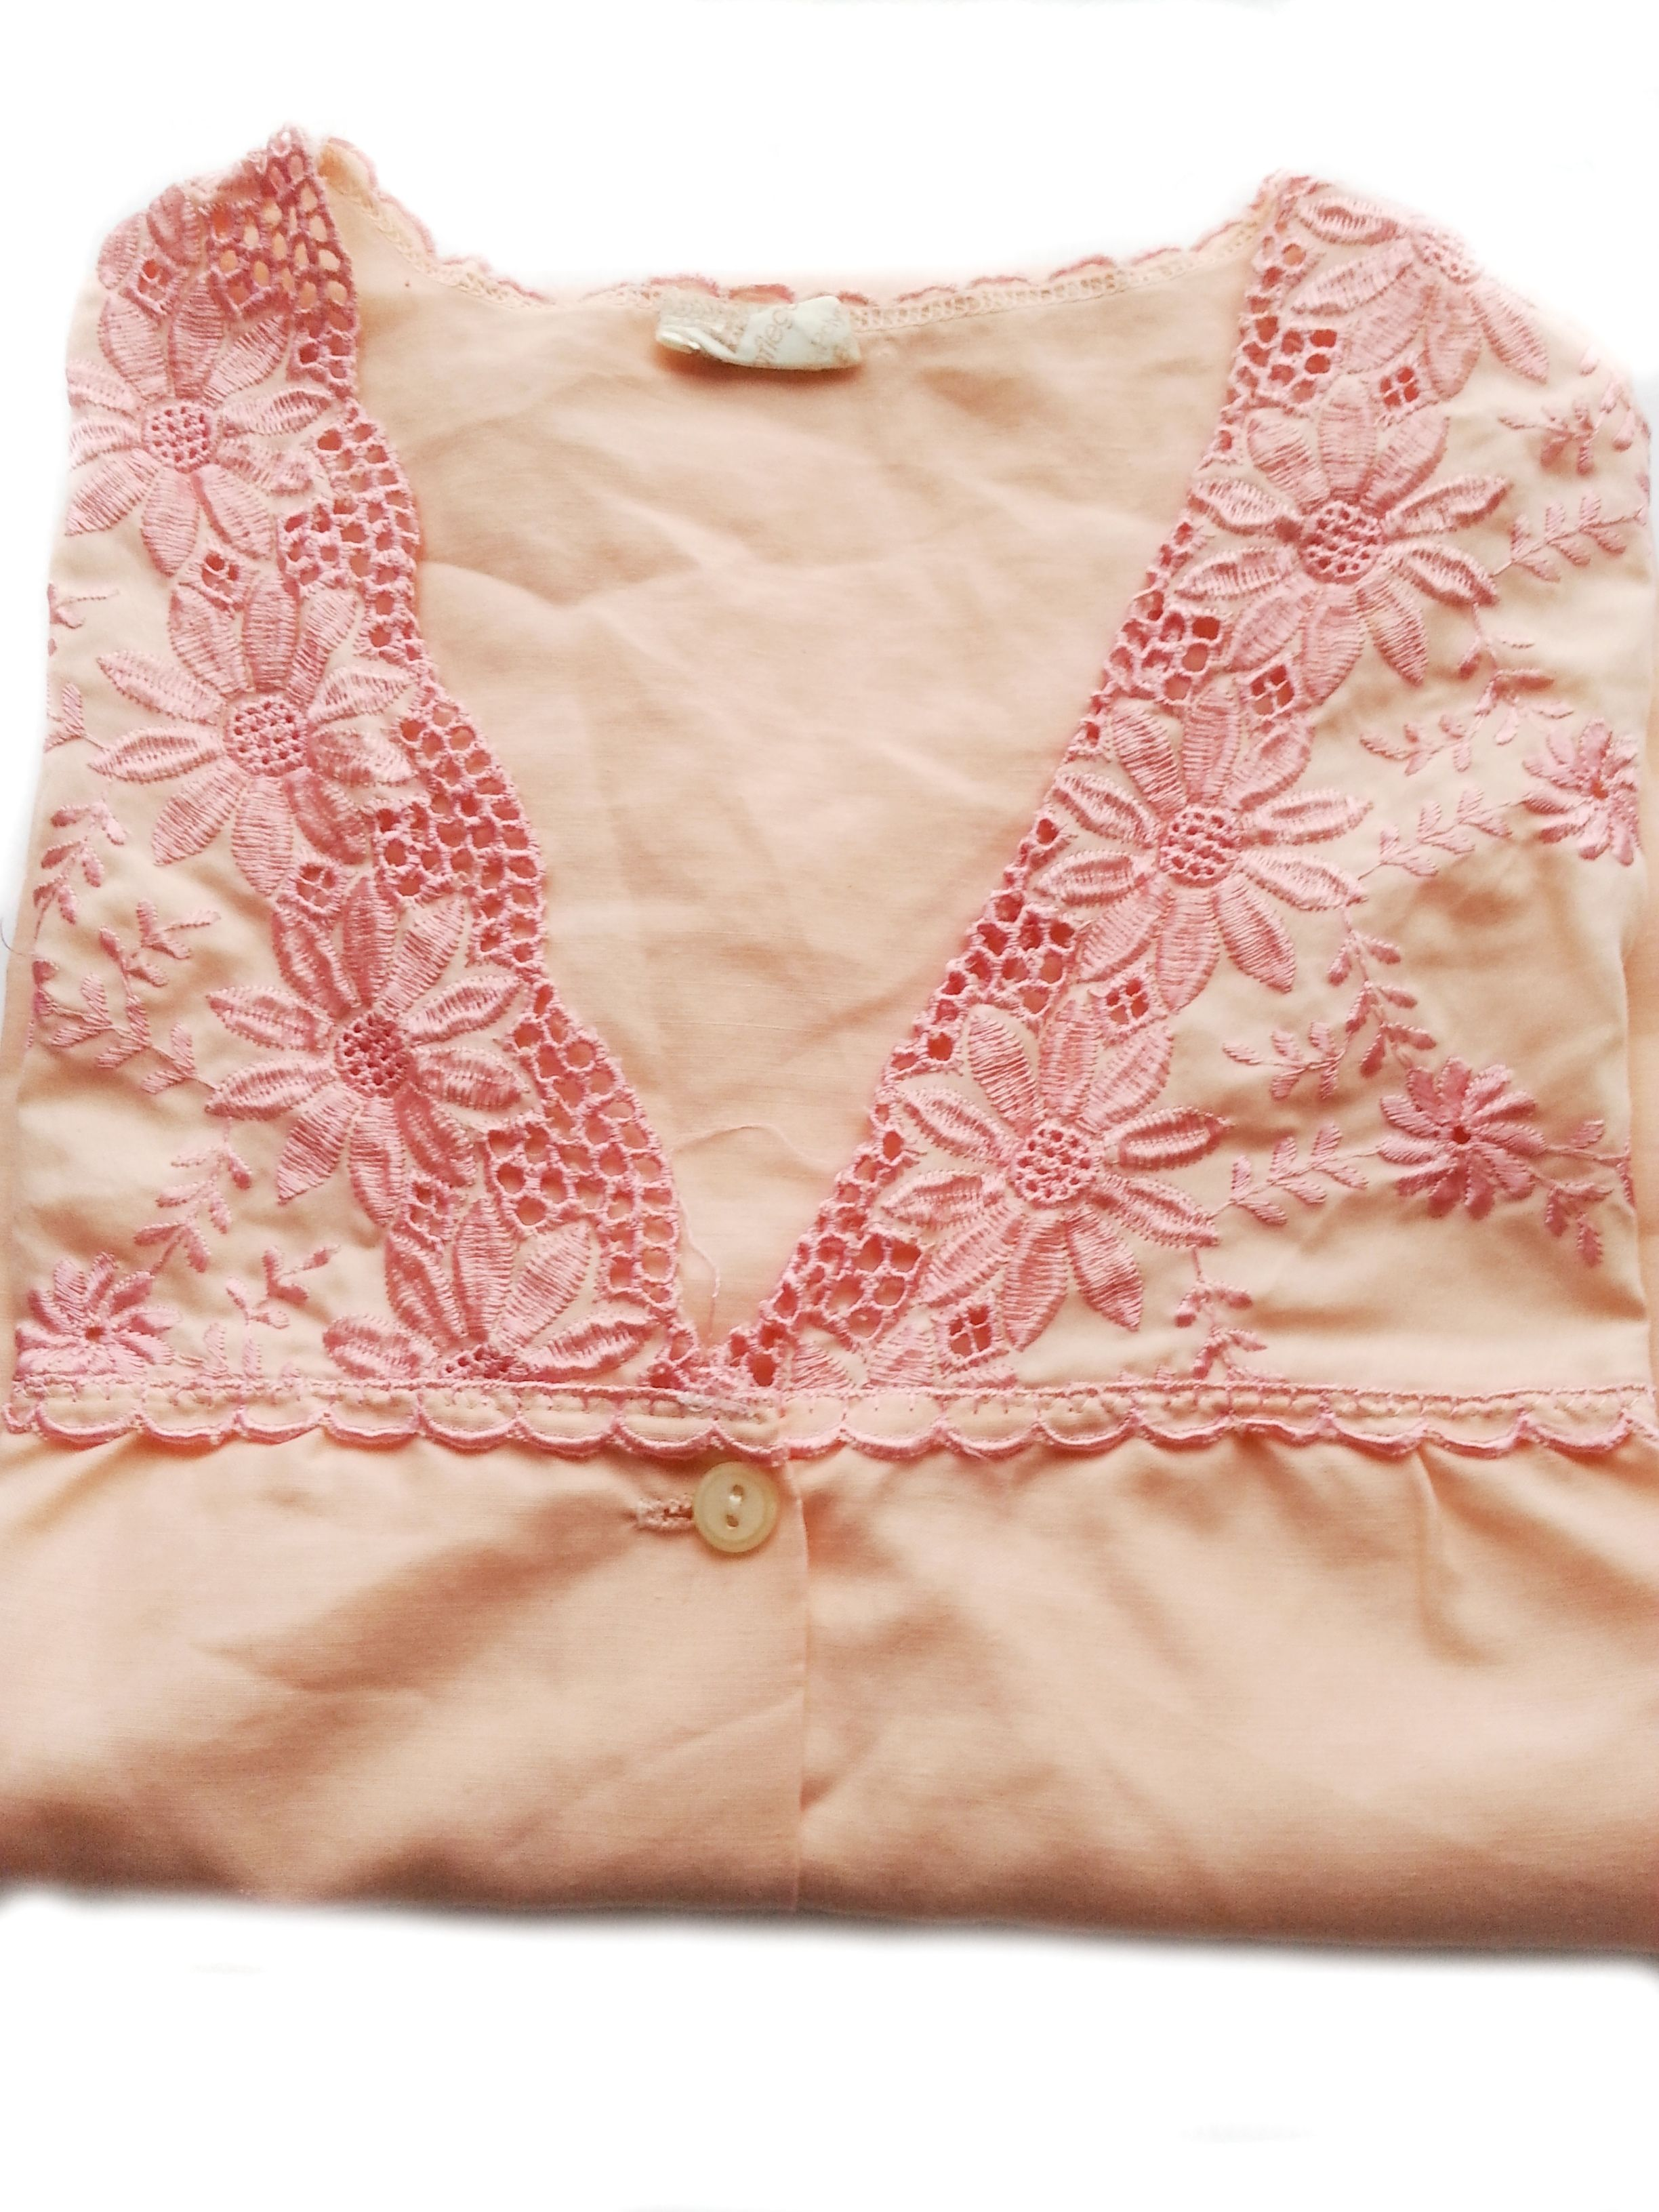 RBD1001  - Nachthemd orange, bestickt, in Größe 36, Original 70-ziger Jahre. Da es sich nicht um neue Ware (Antiquitäten) handelt, gibt es das Produkt in der Regel nur als Einzelstück. Beachten Sie ggf. andere Hinweise auch mehrteilige Sets in der Beschreibung